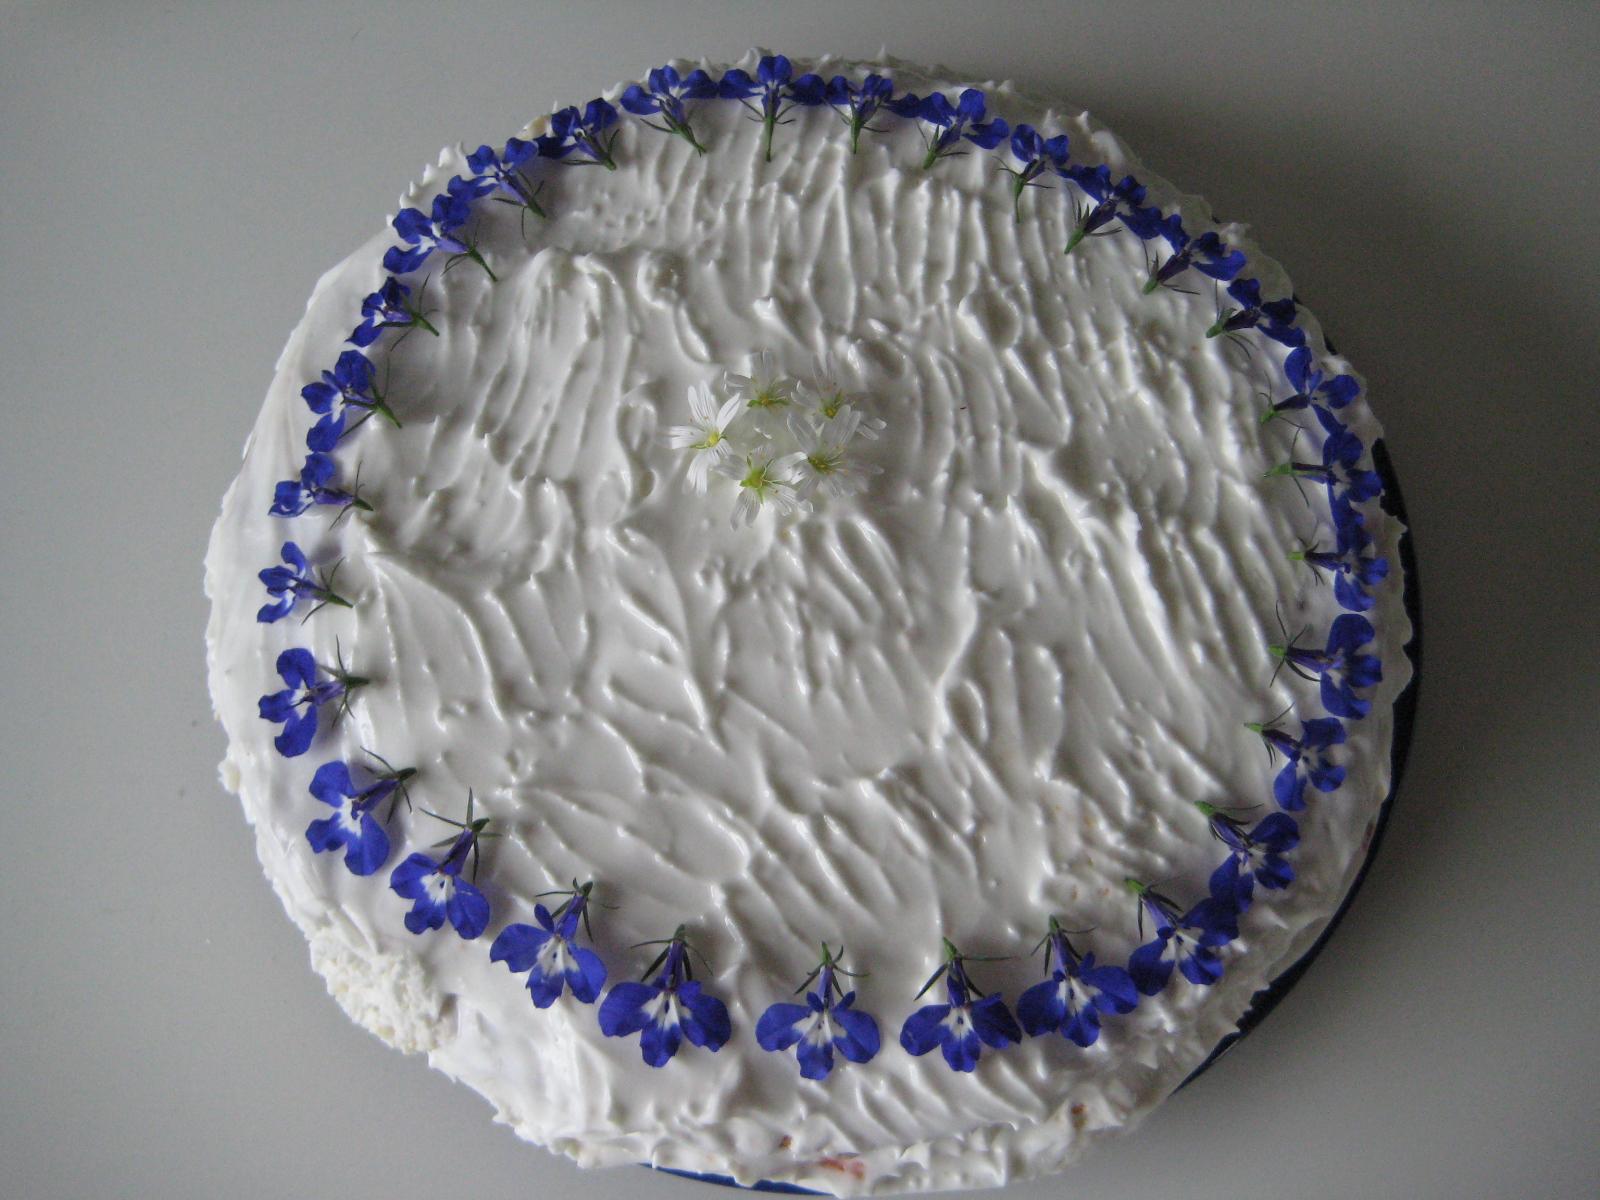 Kaka med rabarber och blommor